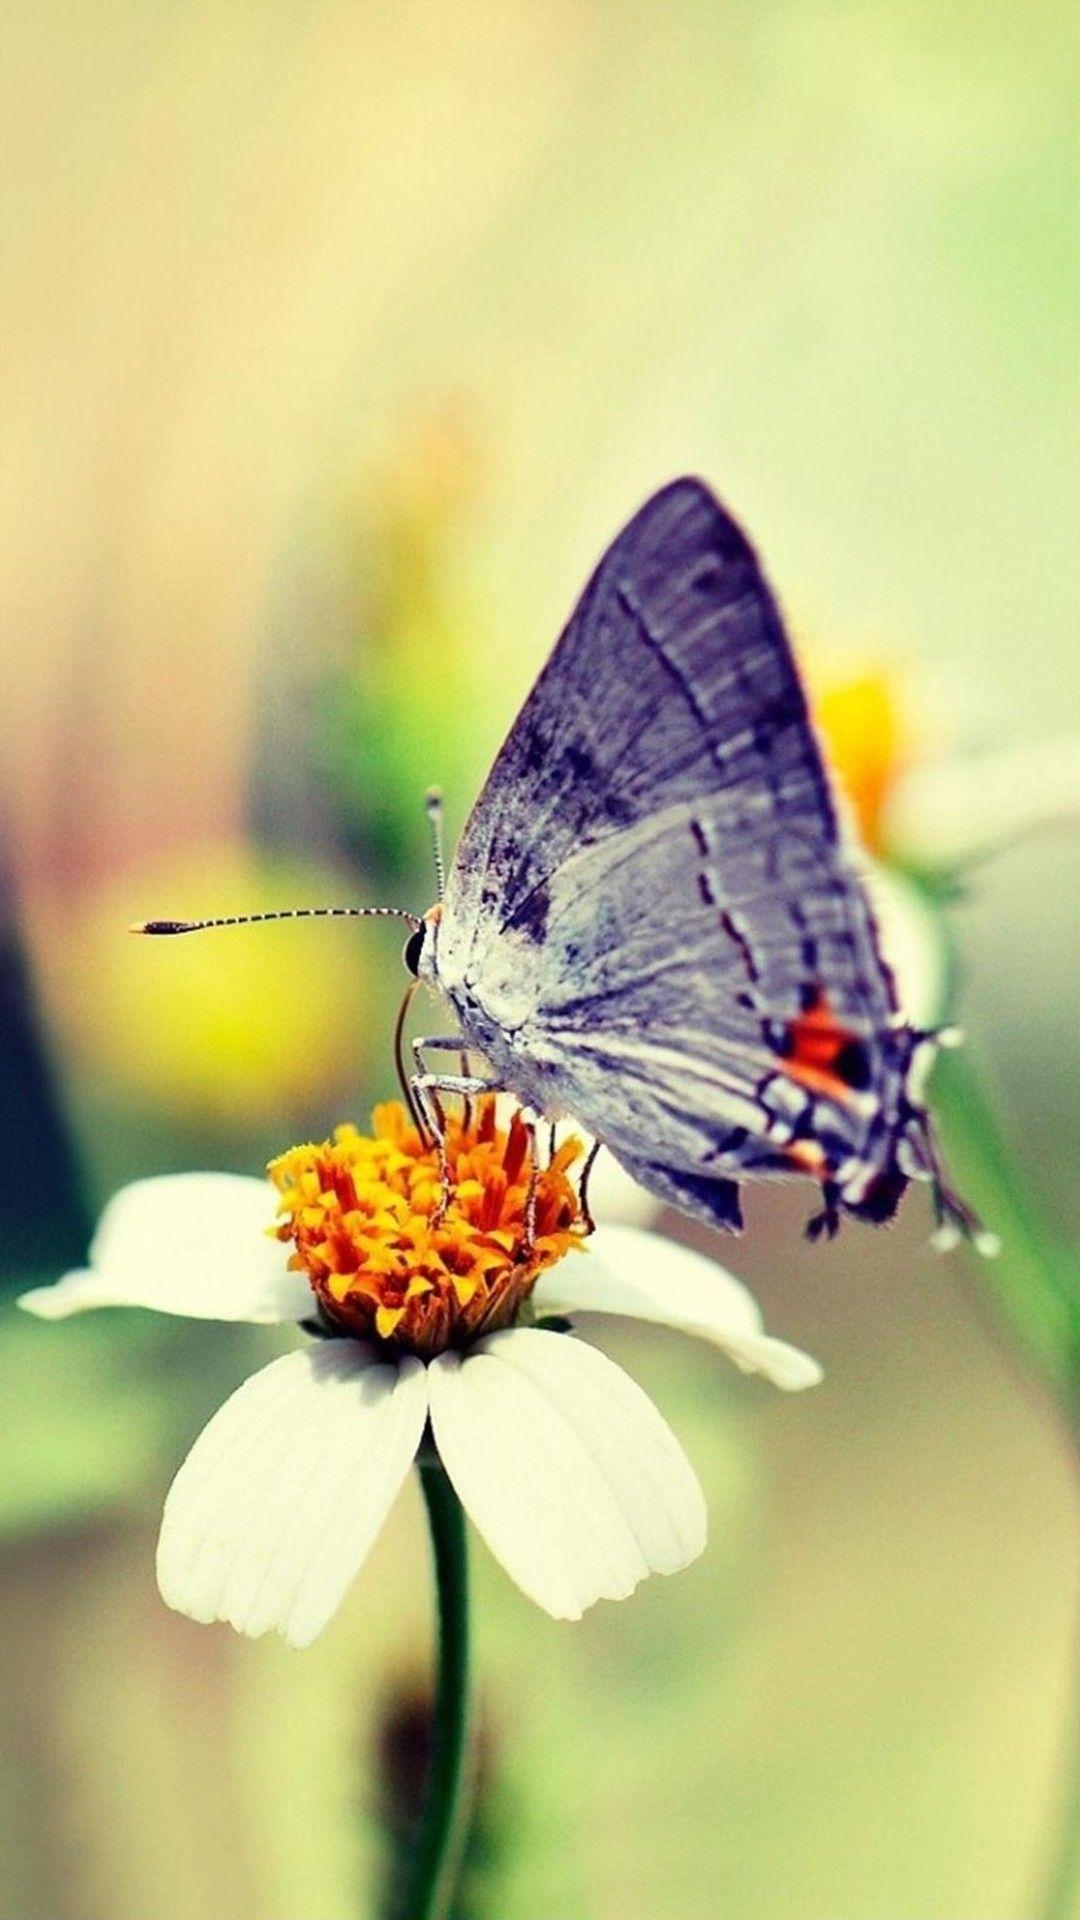 Hình nền con bướm 1080x1920 dành cho Android